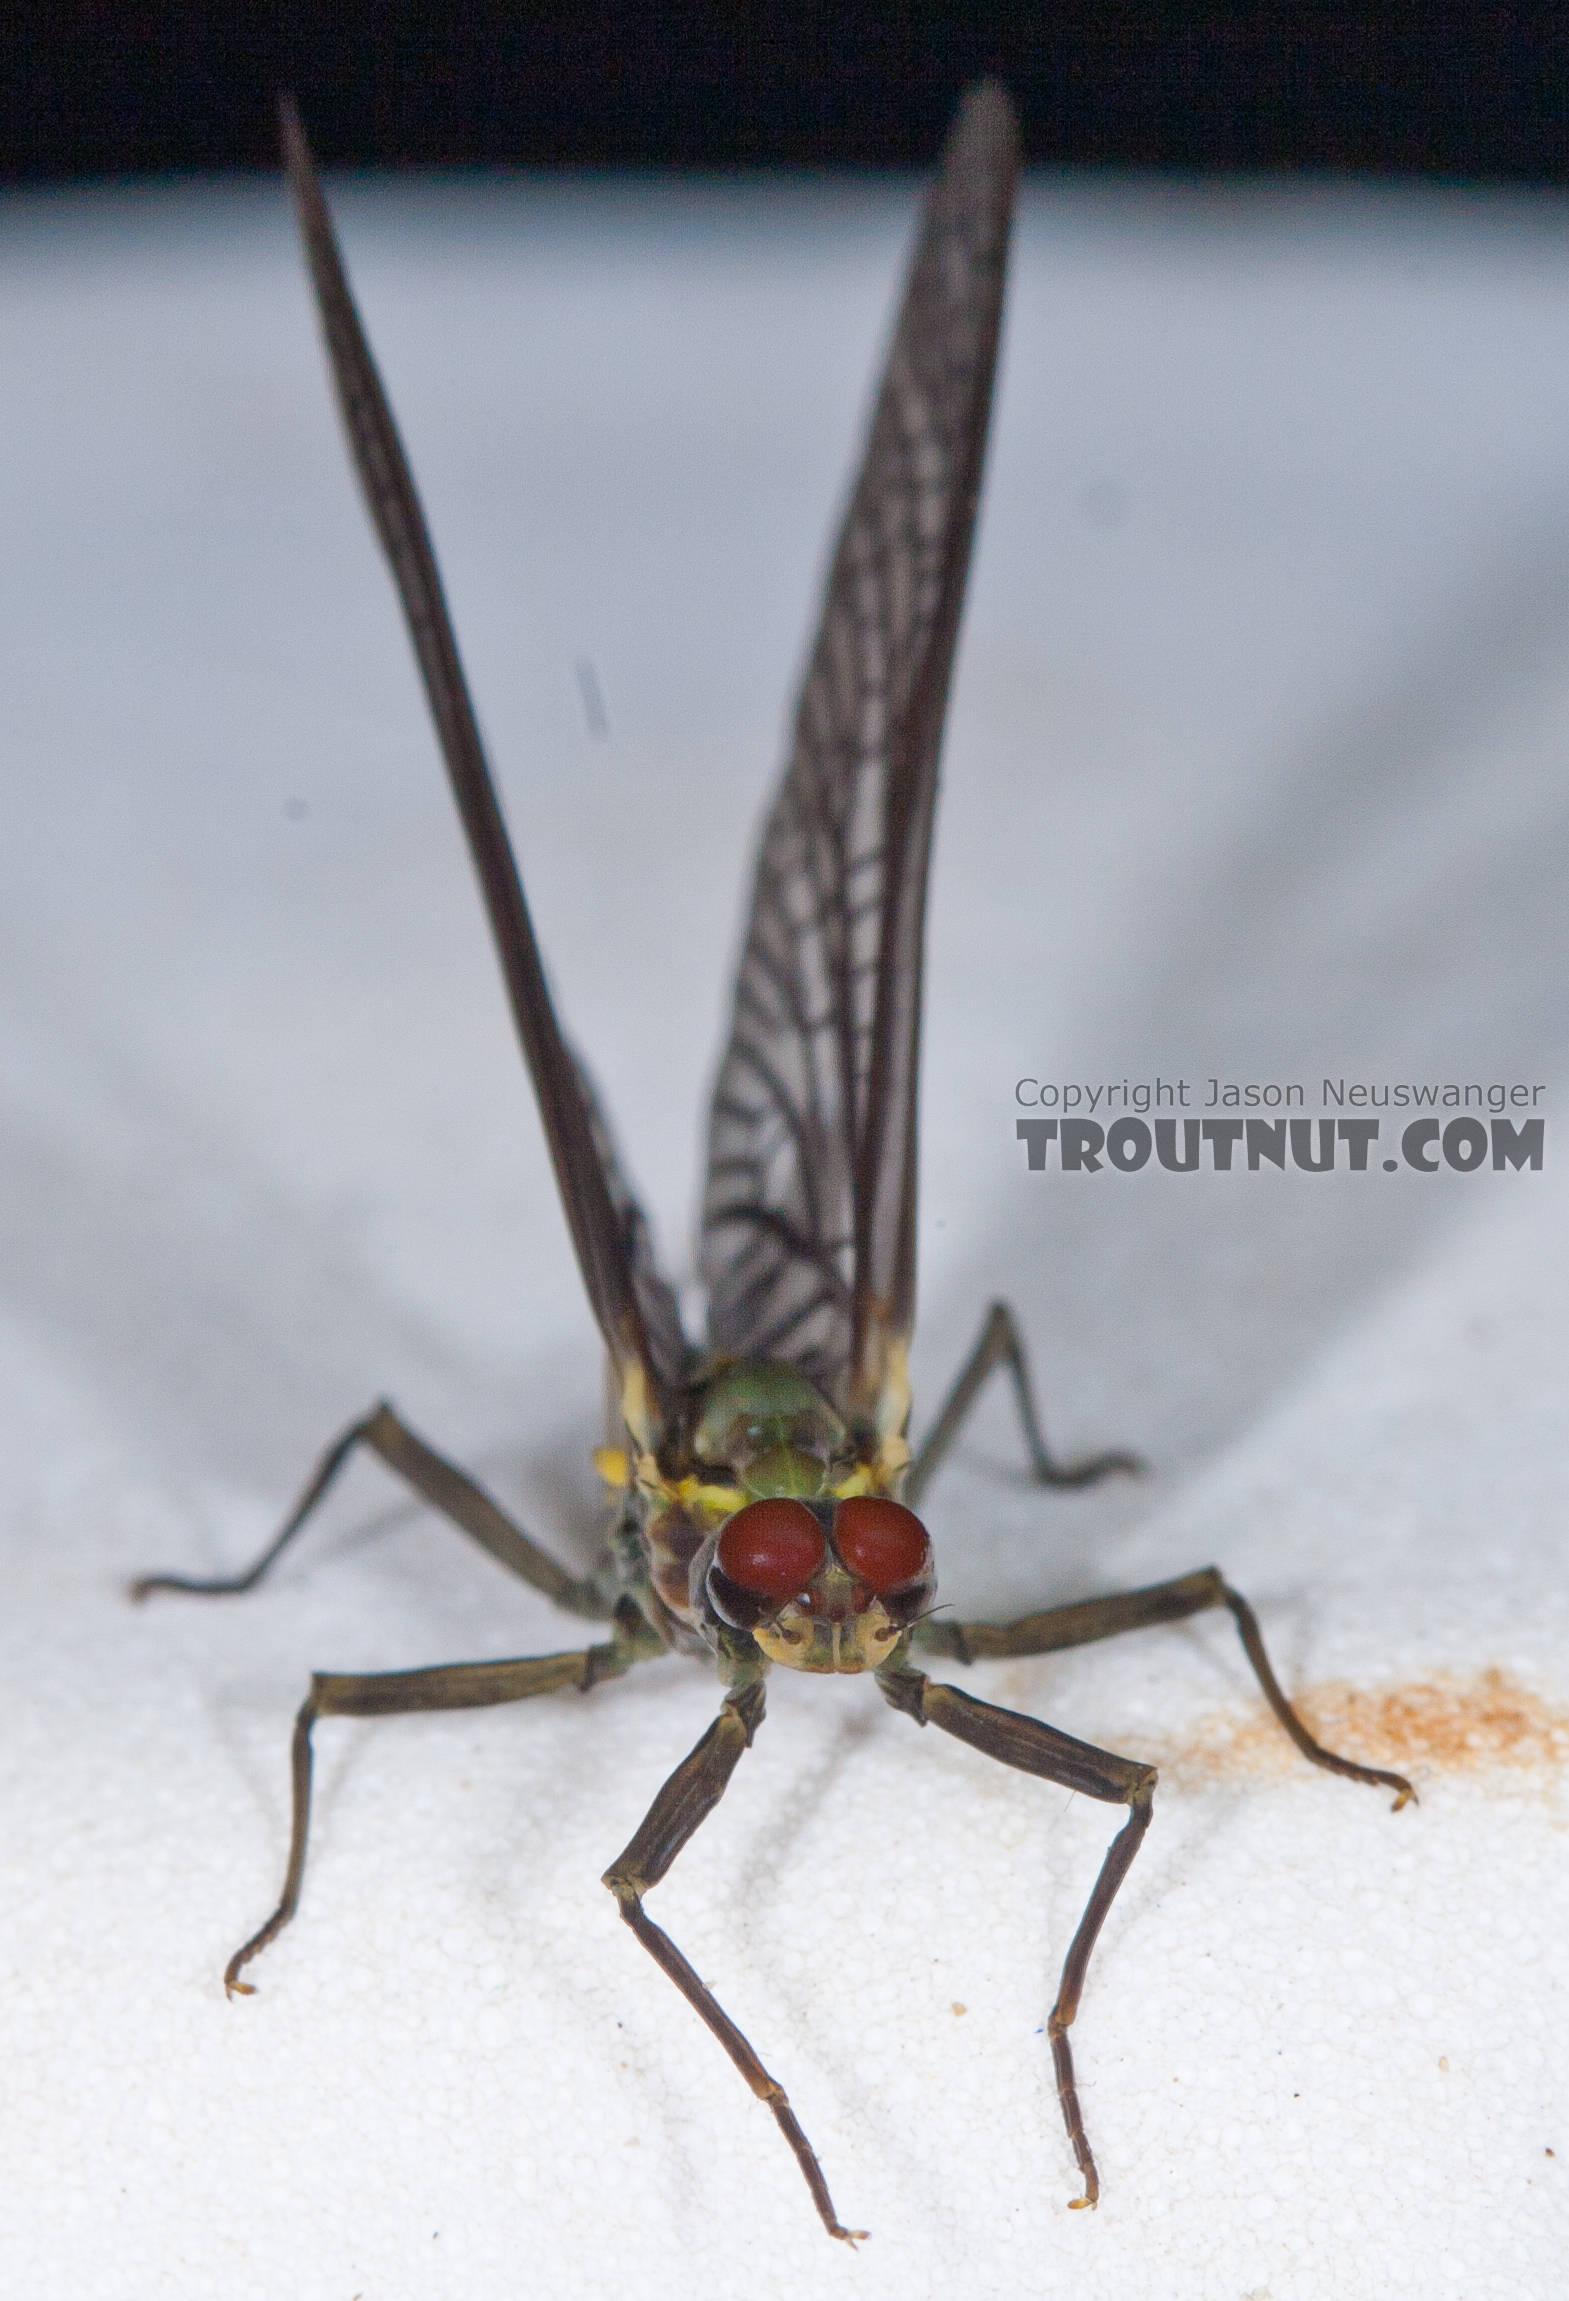 Male Drunella doddsii (Western Green Drake) Mayfly Dun from the Gulkana River in Alaska